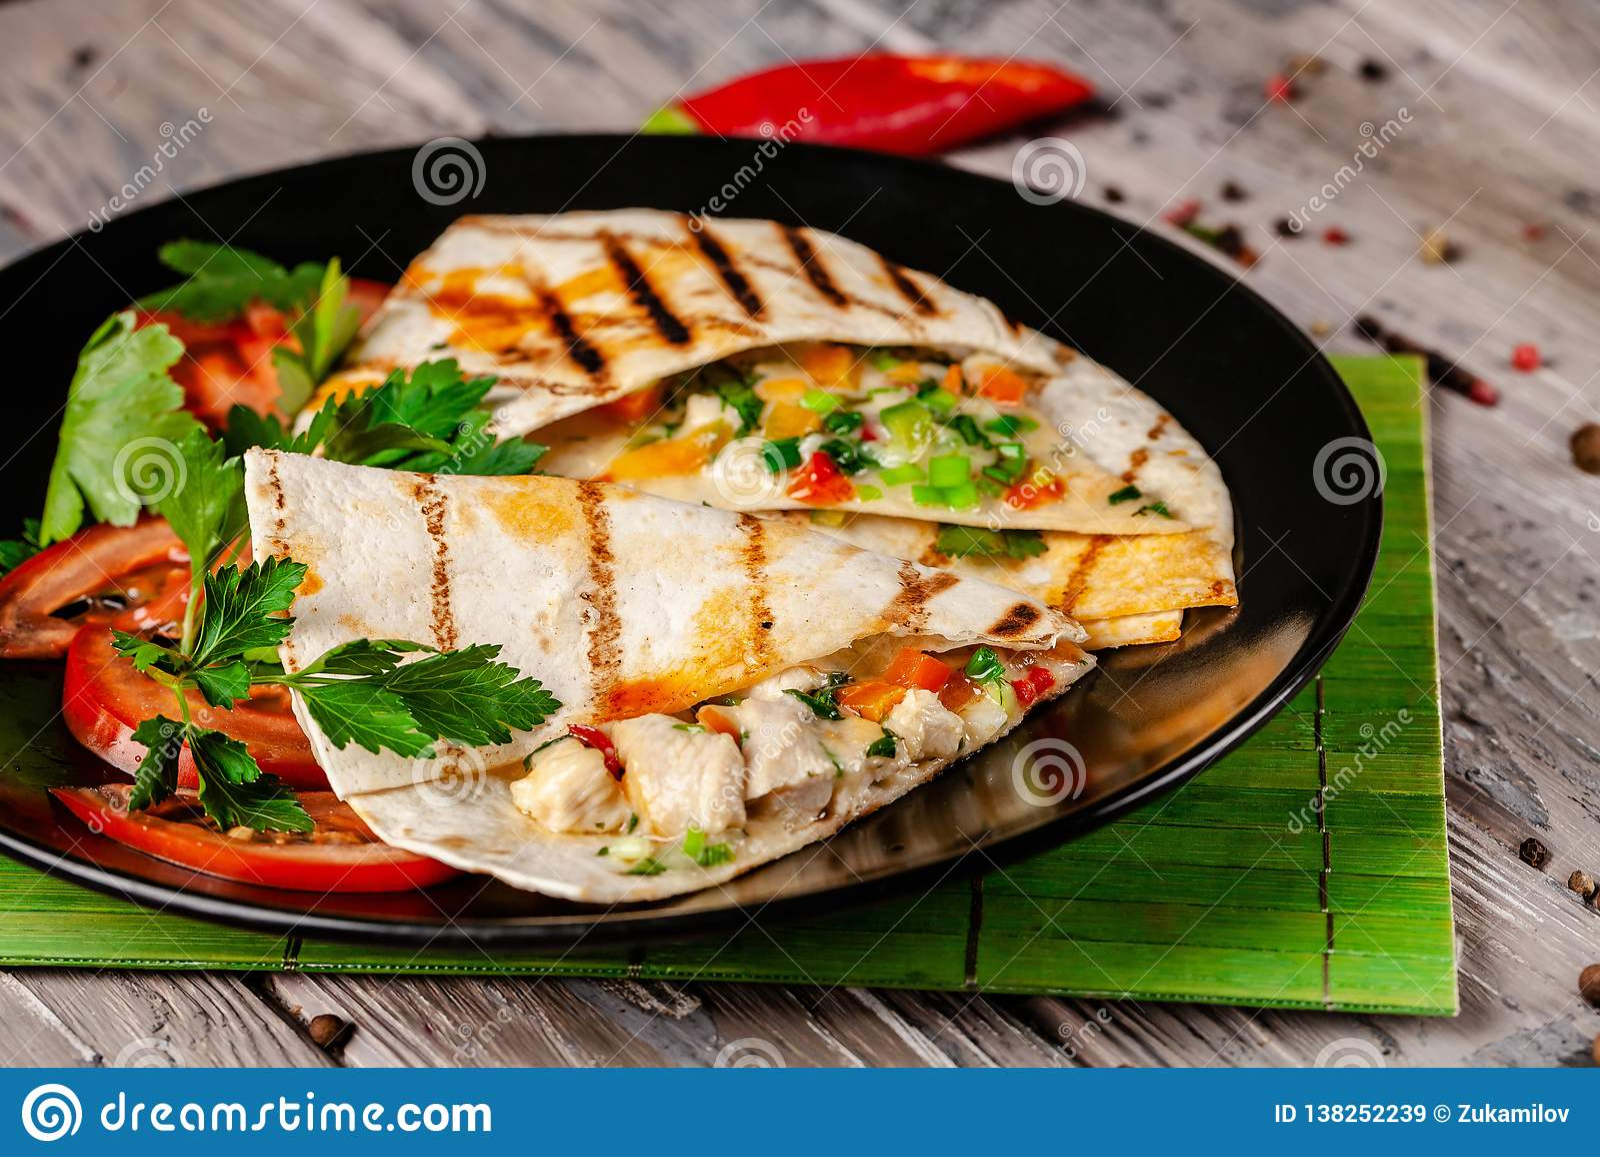 墨西哥烹调的概念 与鸡、玉米、豆沙、蕃茄、红洋葱和辣椒的墨西哥炸玉米饼